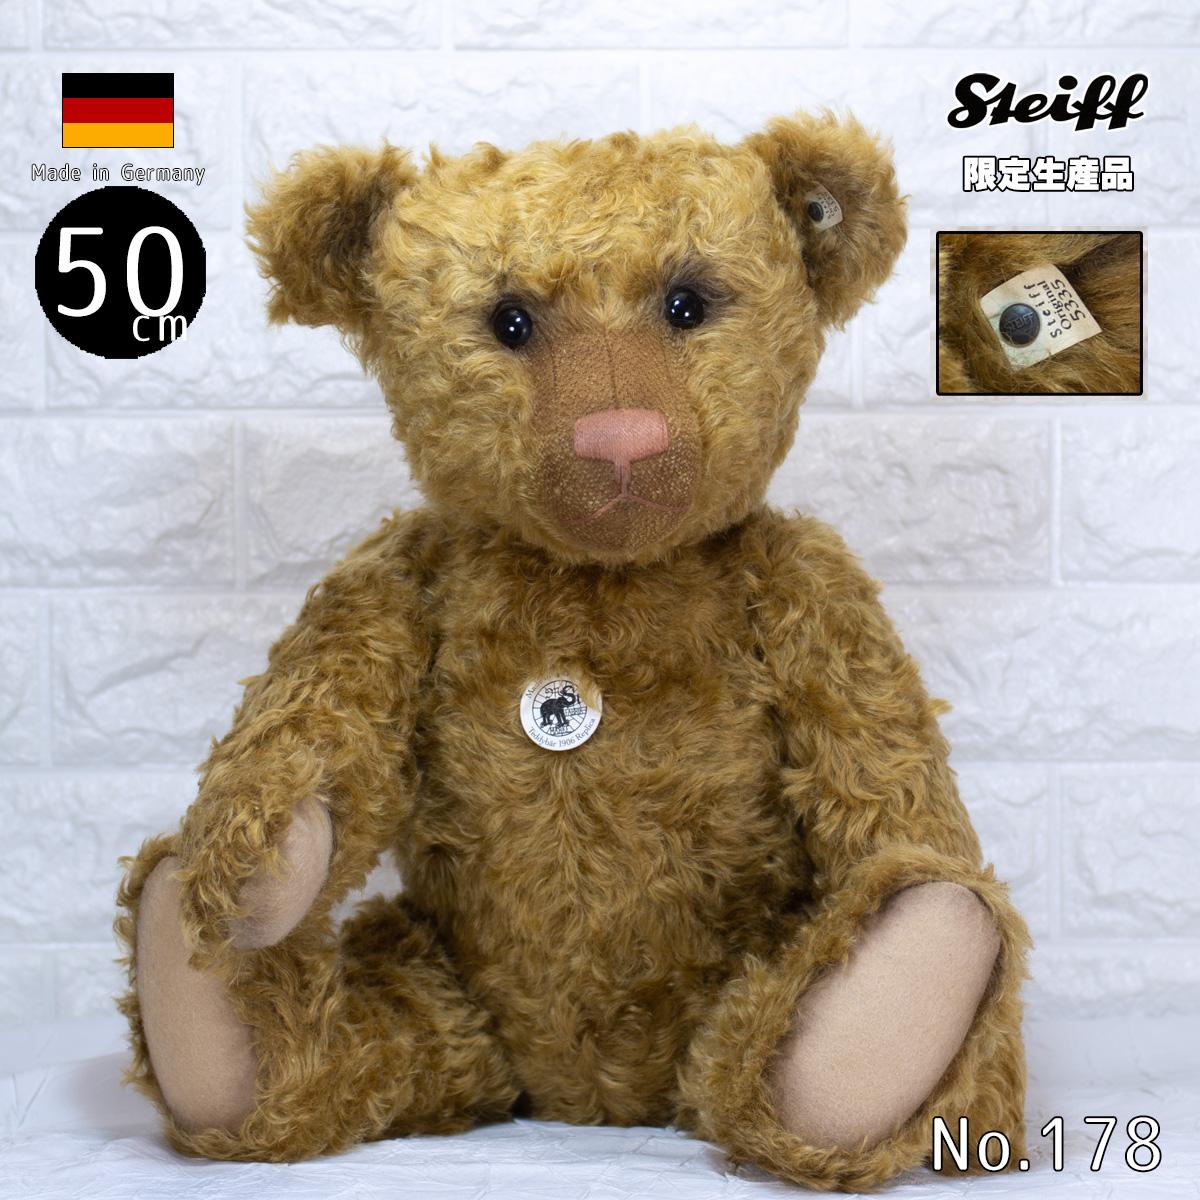 シュタイフ テディベア Steiff 世界限定テディベア レプリカ 1906 50cm ean403385 Teddy bear replica 1906